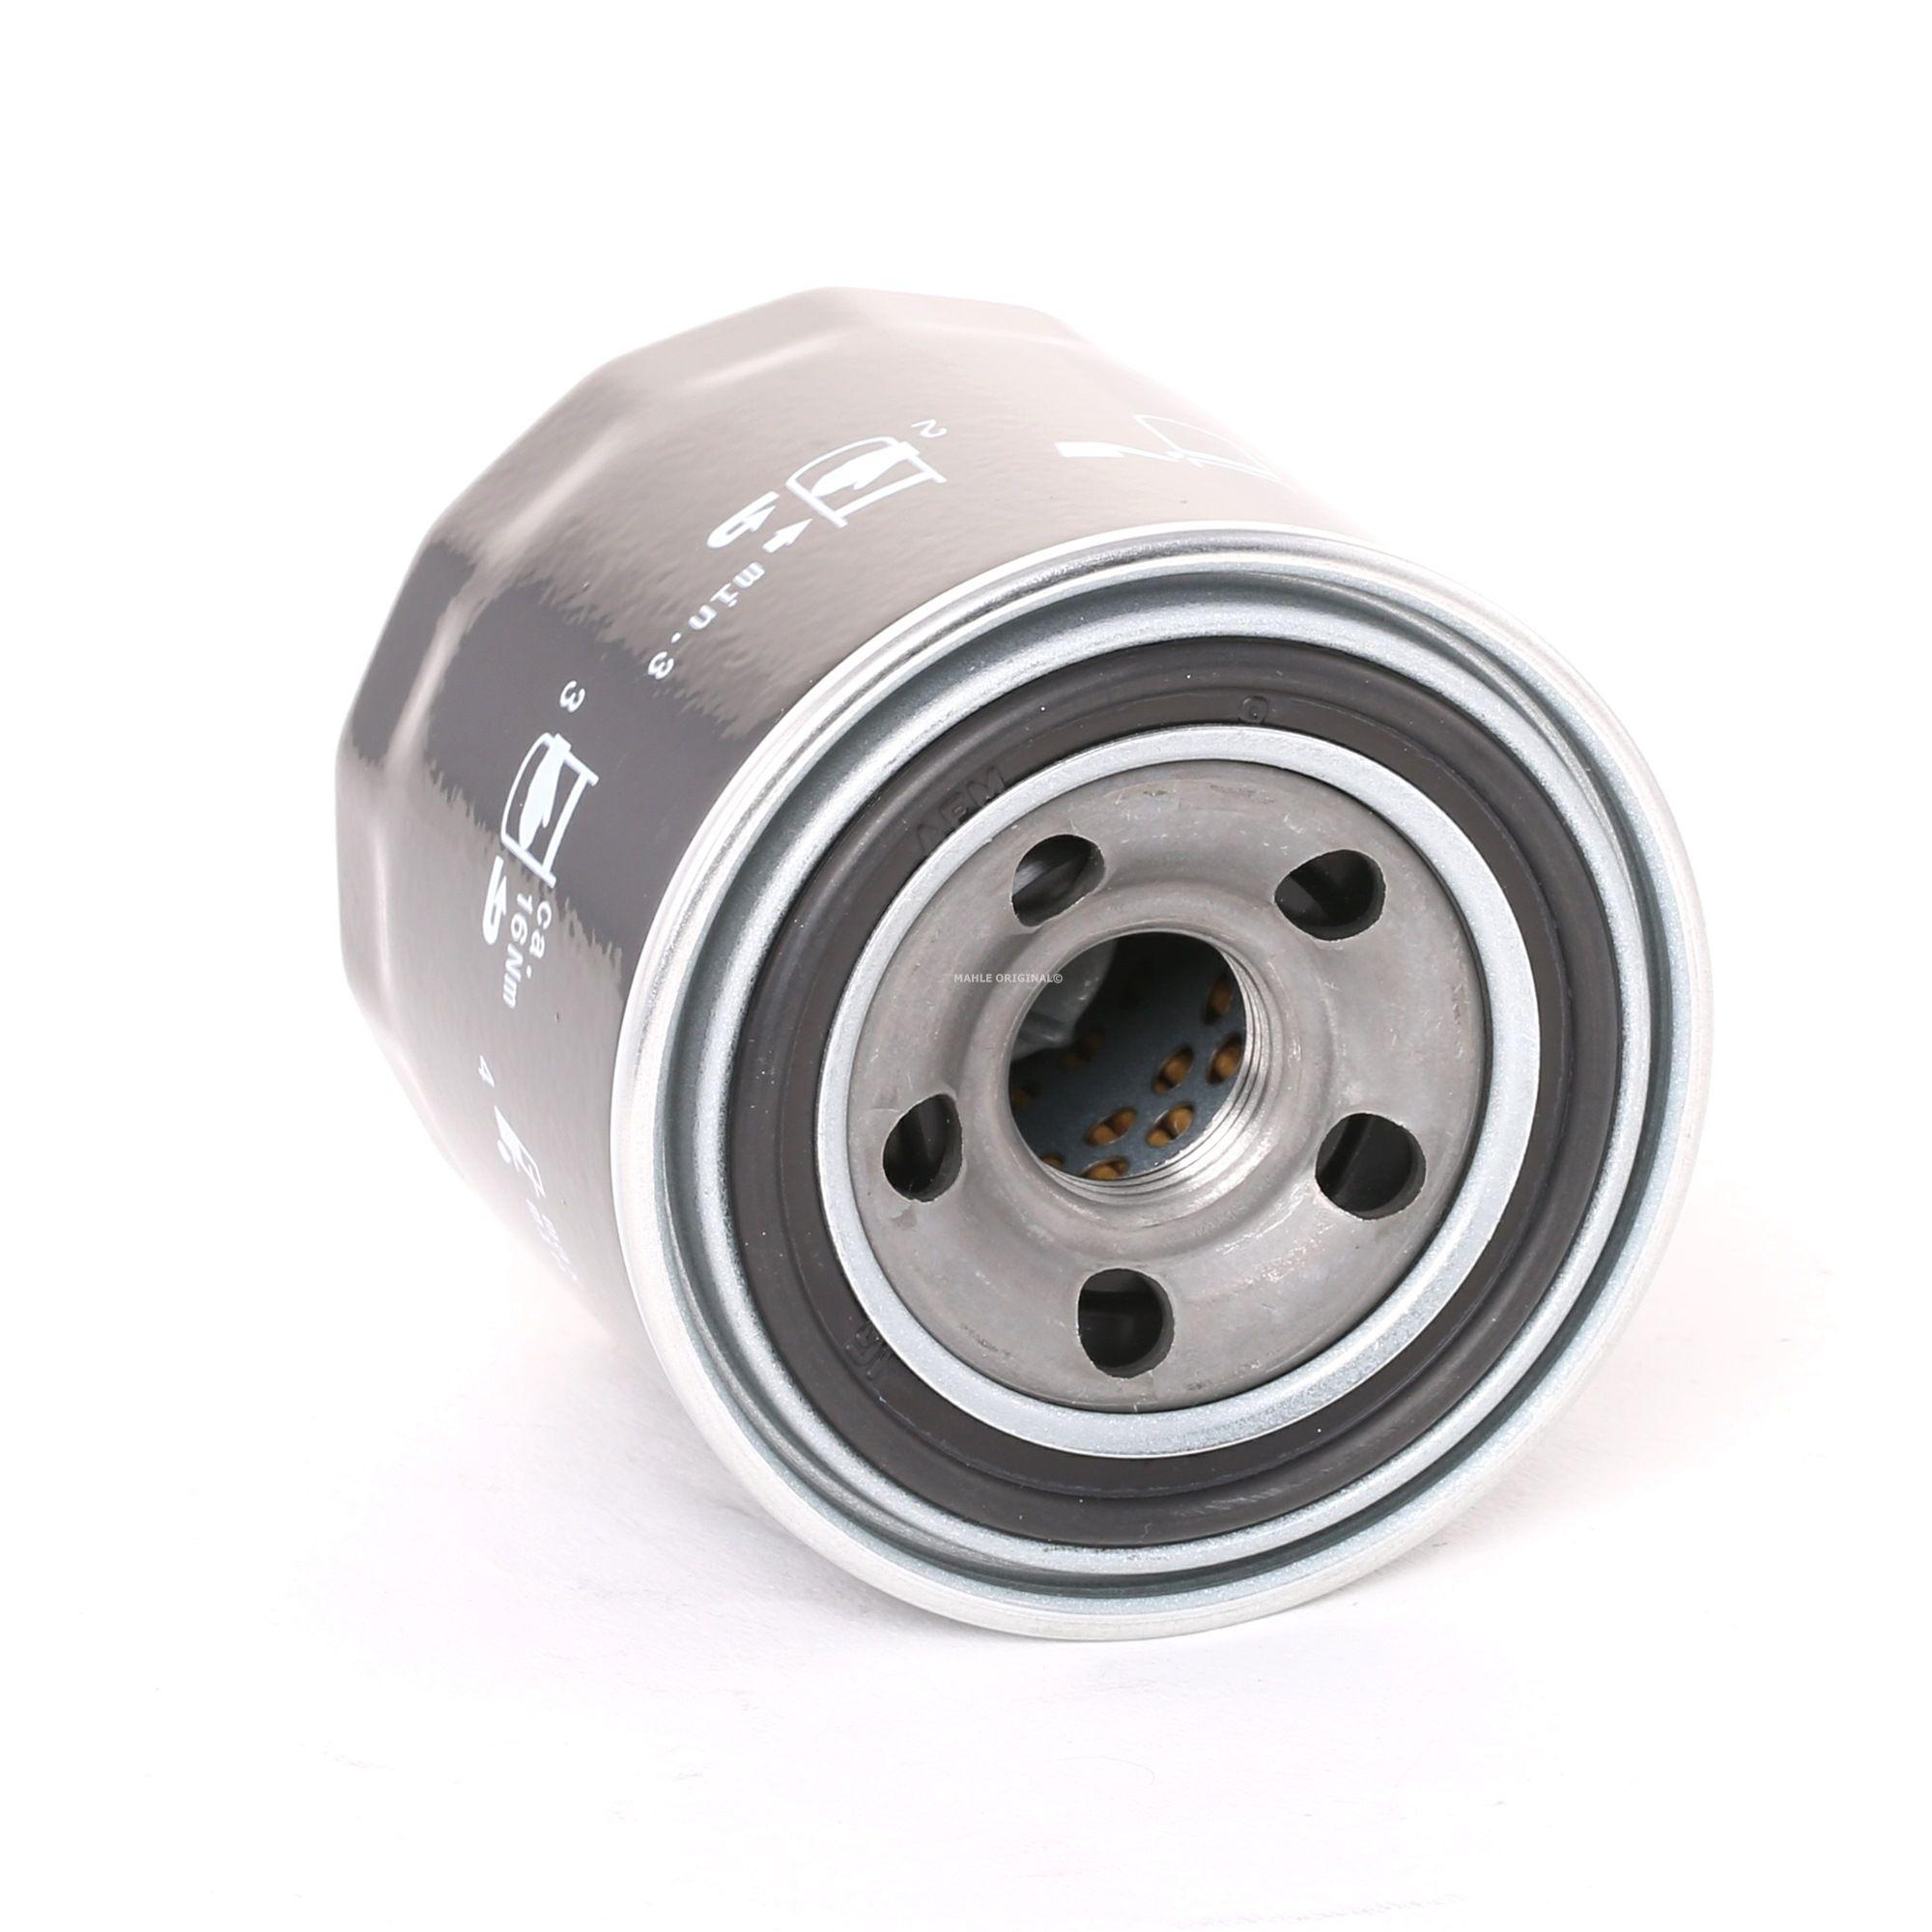 MAHLE ORIGINAL: Original Ölfilter OC 1254 (Innendurchmesser 2: 48mm, Innendurchmesser 2: 48mm, Ø: 76,0mm, Außendurchmesser 2: 63mm, Ø: 76,0mm, Höhe: 80mm)